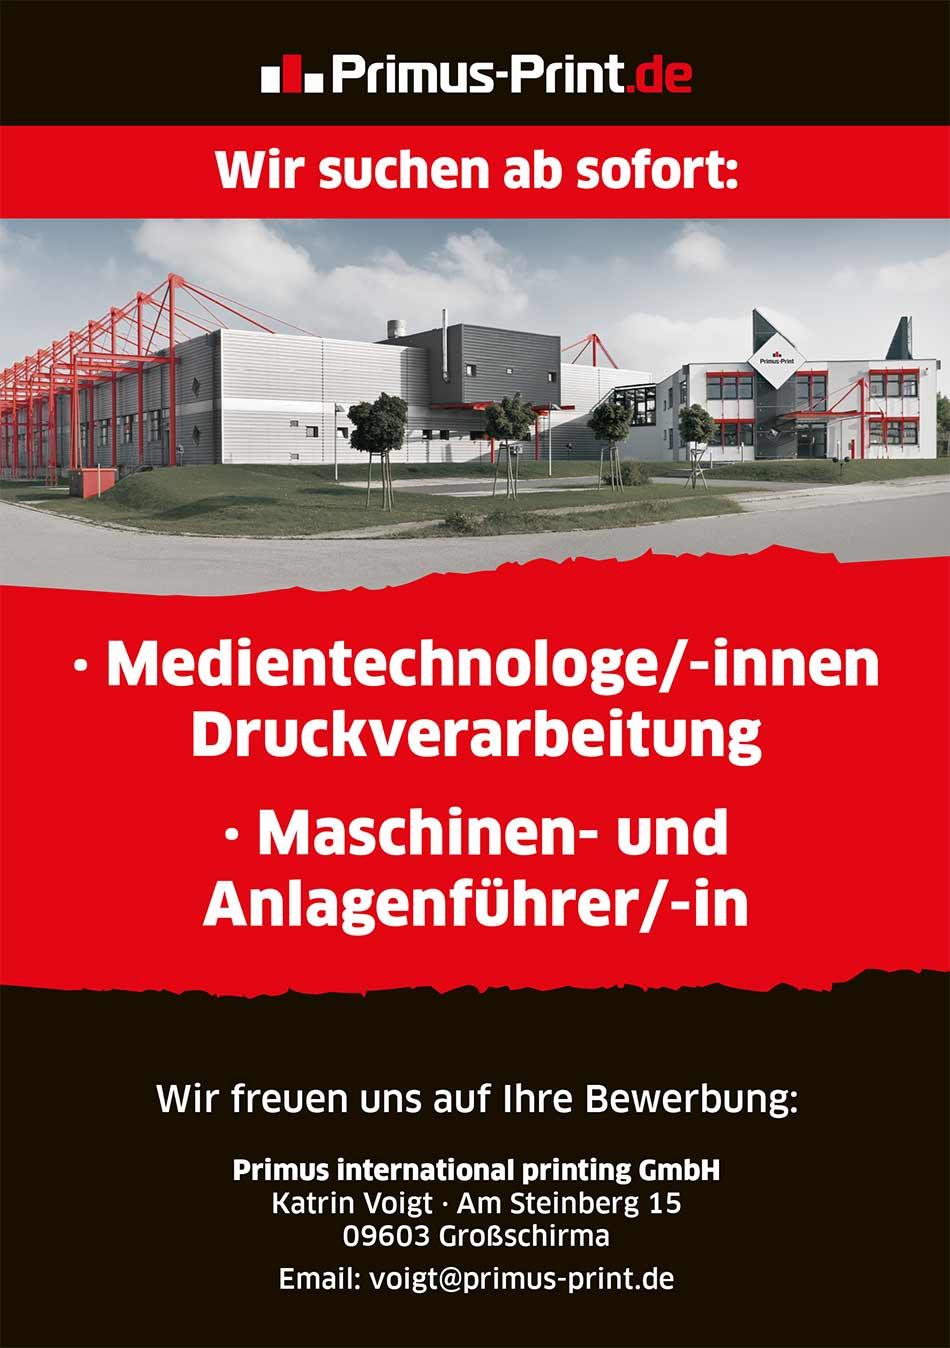 Primus-Print.de Stellenangebot Medientechnologe Maschinenführer Anlagenführer